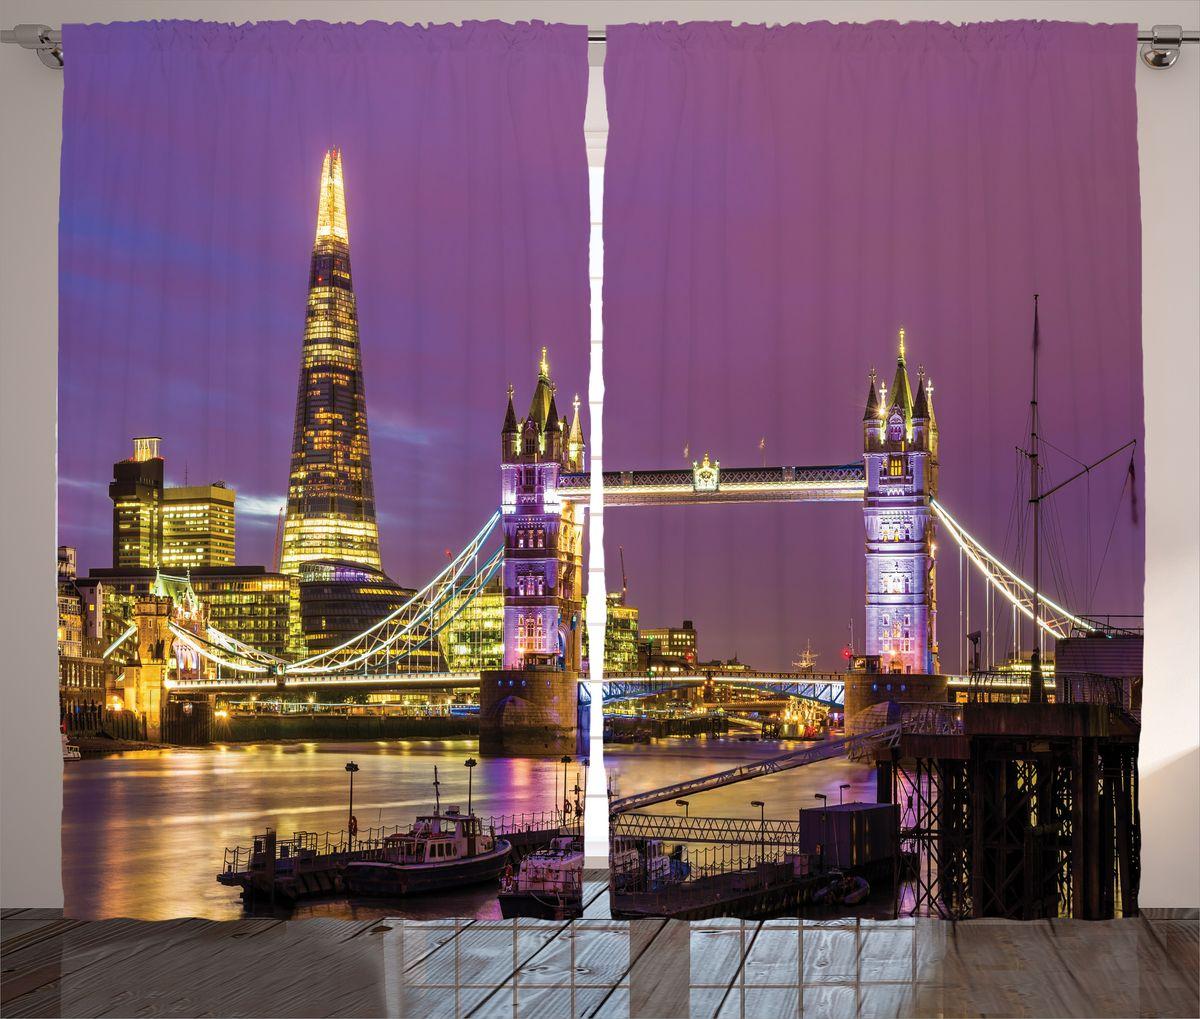 Комплект фотоштор Magic Lady Фиолетовый закат над Лондоном, на ленте, высота 265 см. шсг_14658шсг_14658Компания Сэмболь изготавливает шторы из высококачественного сатена (полиэстер 100%). При изготовлении используются специальные гипоаллергенные чернила для прямой печати по ткани, безопасные для человека и животных. Экологичность продукции Magic lady и безопасность для окружающей среды подтверждены сертификатом Oeko-Tex Standard 100. Крепление: крючки для крепления на шторной ленте (50 шт). Возможно крепление на трубу. Внимание! При нанесении сублимационной печати на ткань технологическим методом при температуре 240°С, возможно отклонение полученных размеров (указанных на этикетке и сайте) от стандартных на + - 3-5 см. Производитель старается максимально точно передать цвета изделия на фотографиях, однако искажения неизбежны и фактический цвет изделия может отличаться от воспринимаемого по фото. Обратите внимание! Шторы изготовлены из полиэстра сатенового переплетения, а не из сатина (хлопок). Размер одного полотна шторы: 145х265 см. В комплекте 2 полотна шторы и 50 крючков.